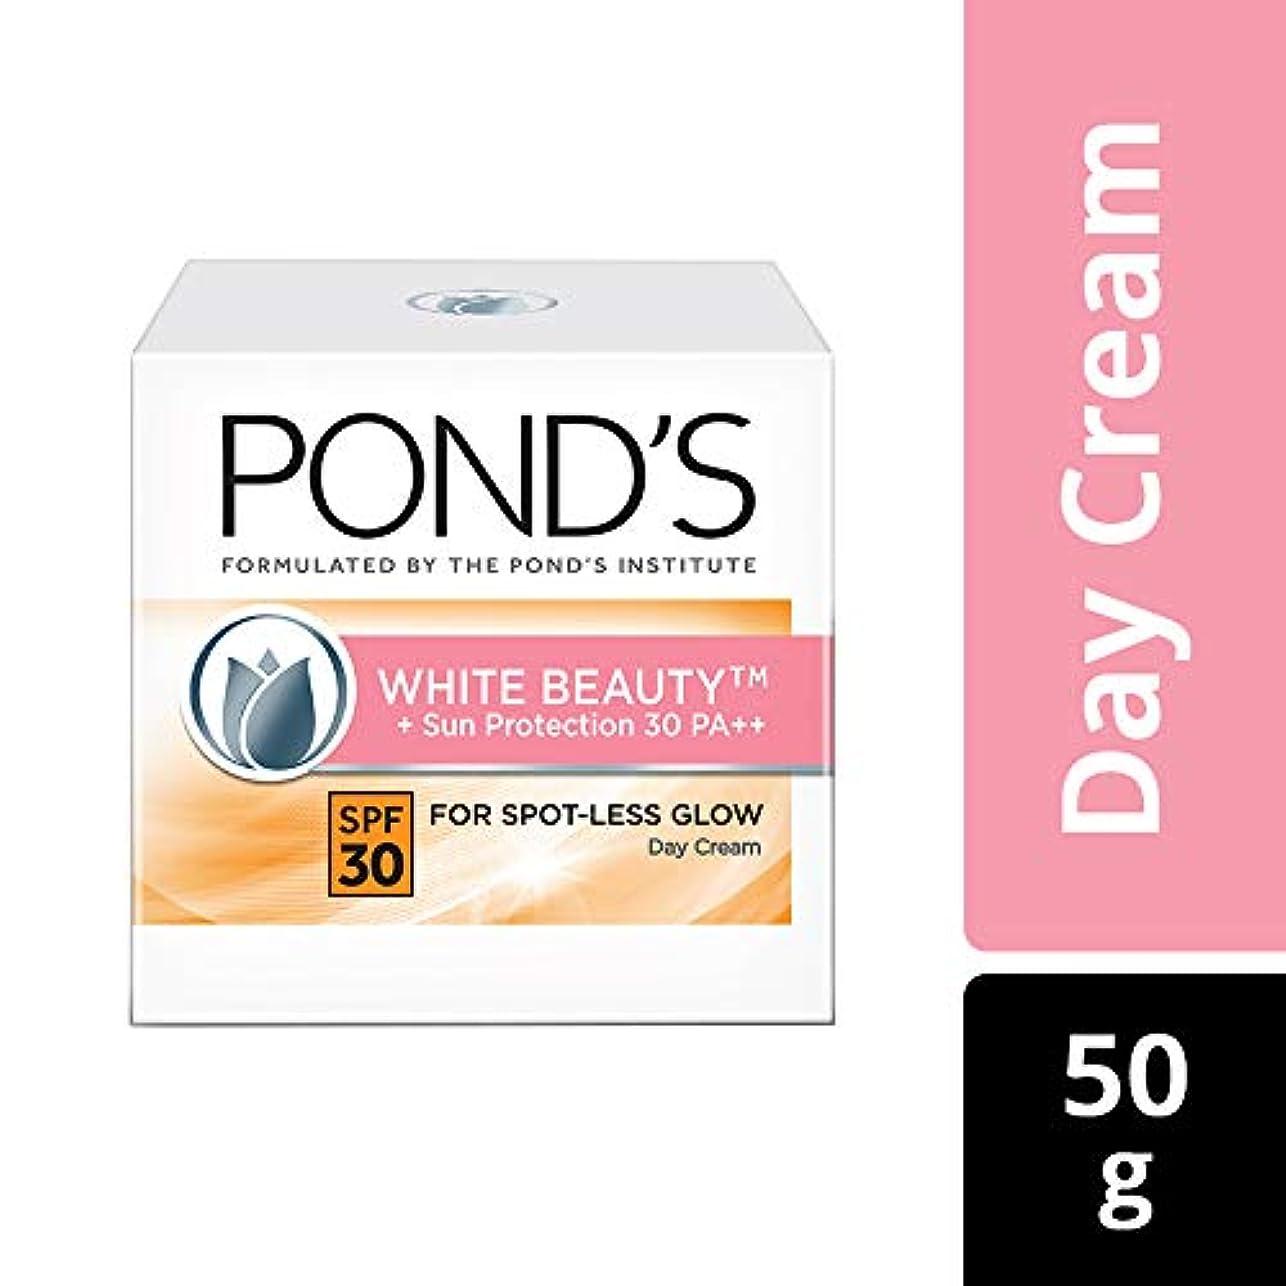 学部長簡略化するいちゃつくPOND'S White Beauty Sun Protection SPF 30 Day Cream, 50 g